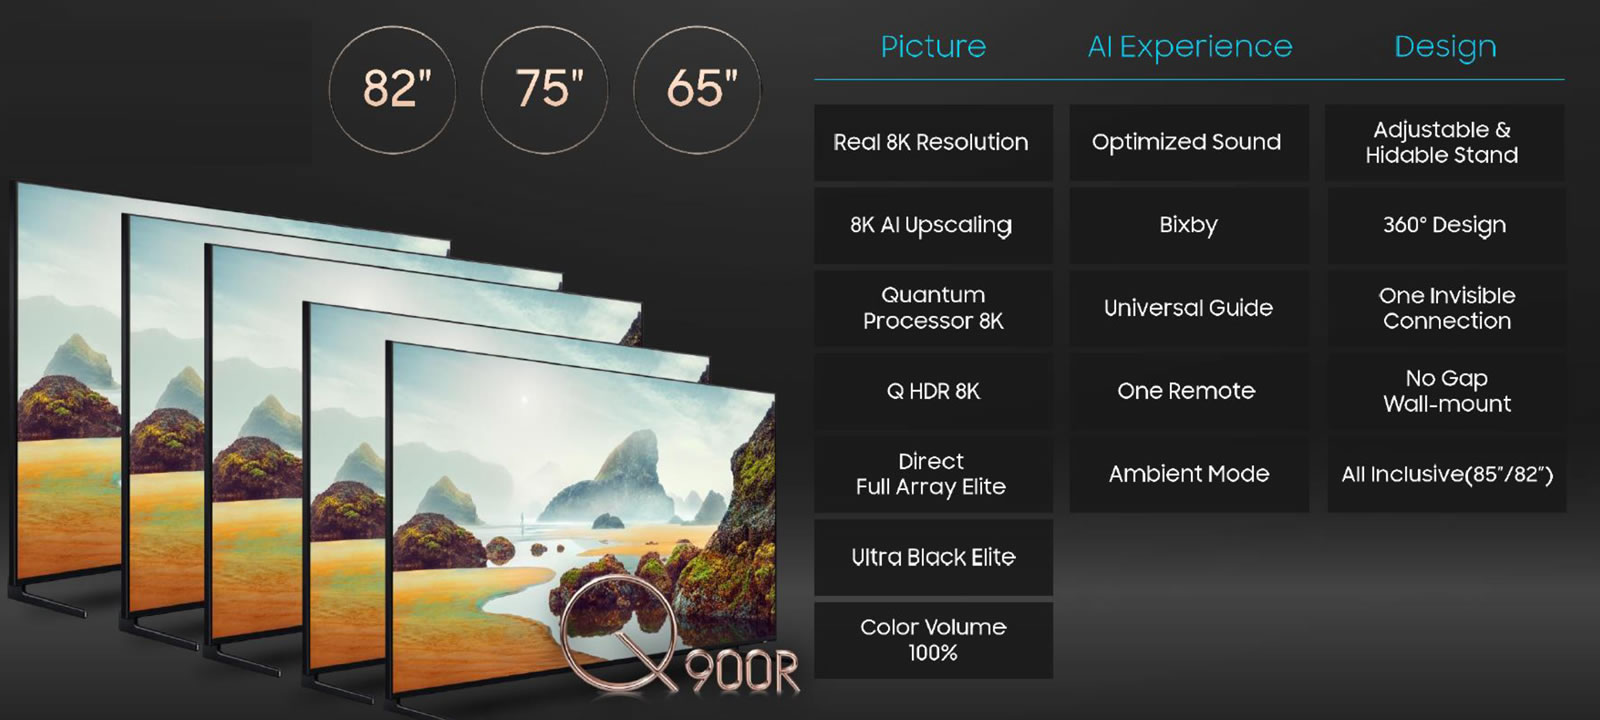 Samsung venderá sus nuevos televisores 8K y 4K en Chile durante este mes.